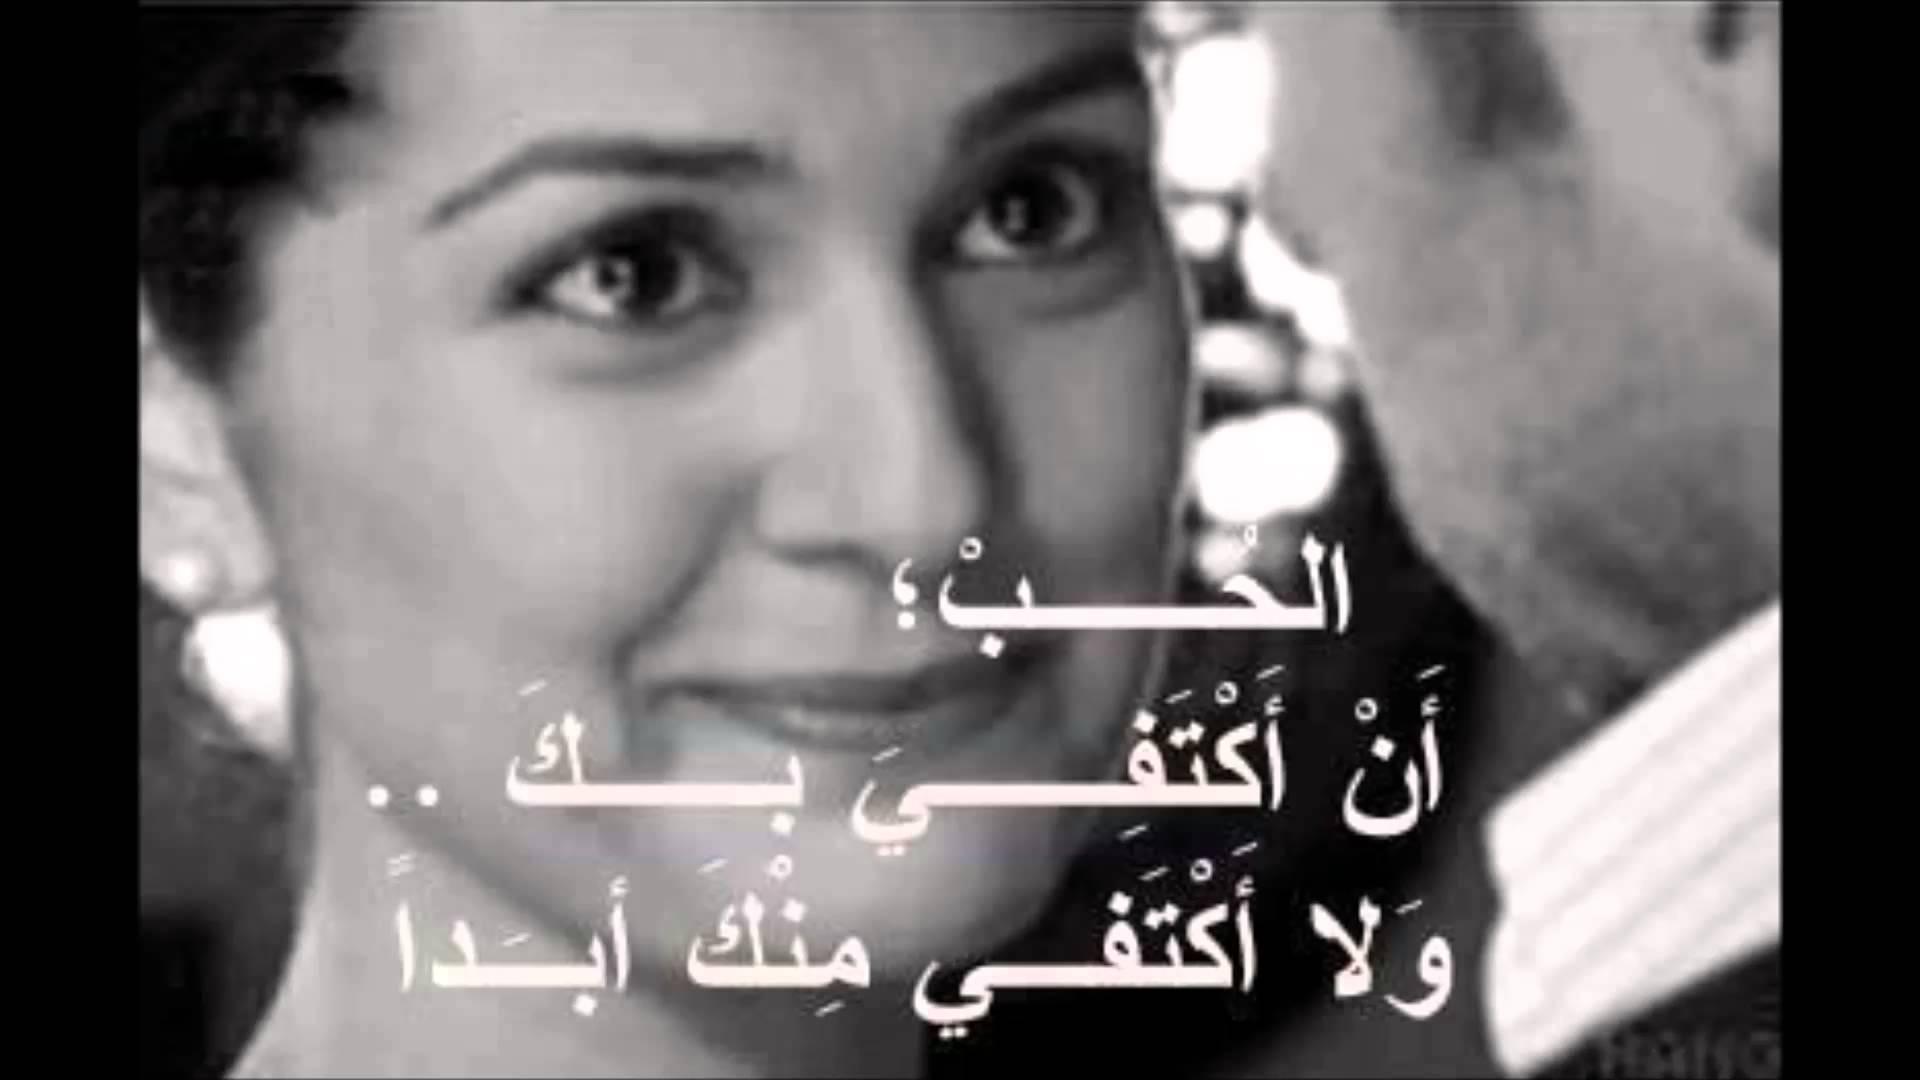 بالصور اشعار حب وغرام , كلمات حبيب عاشق 2573 9